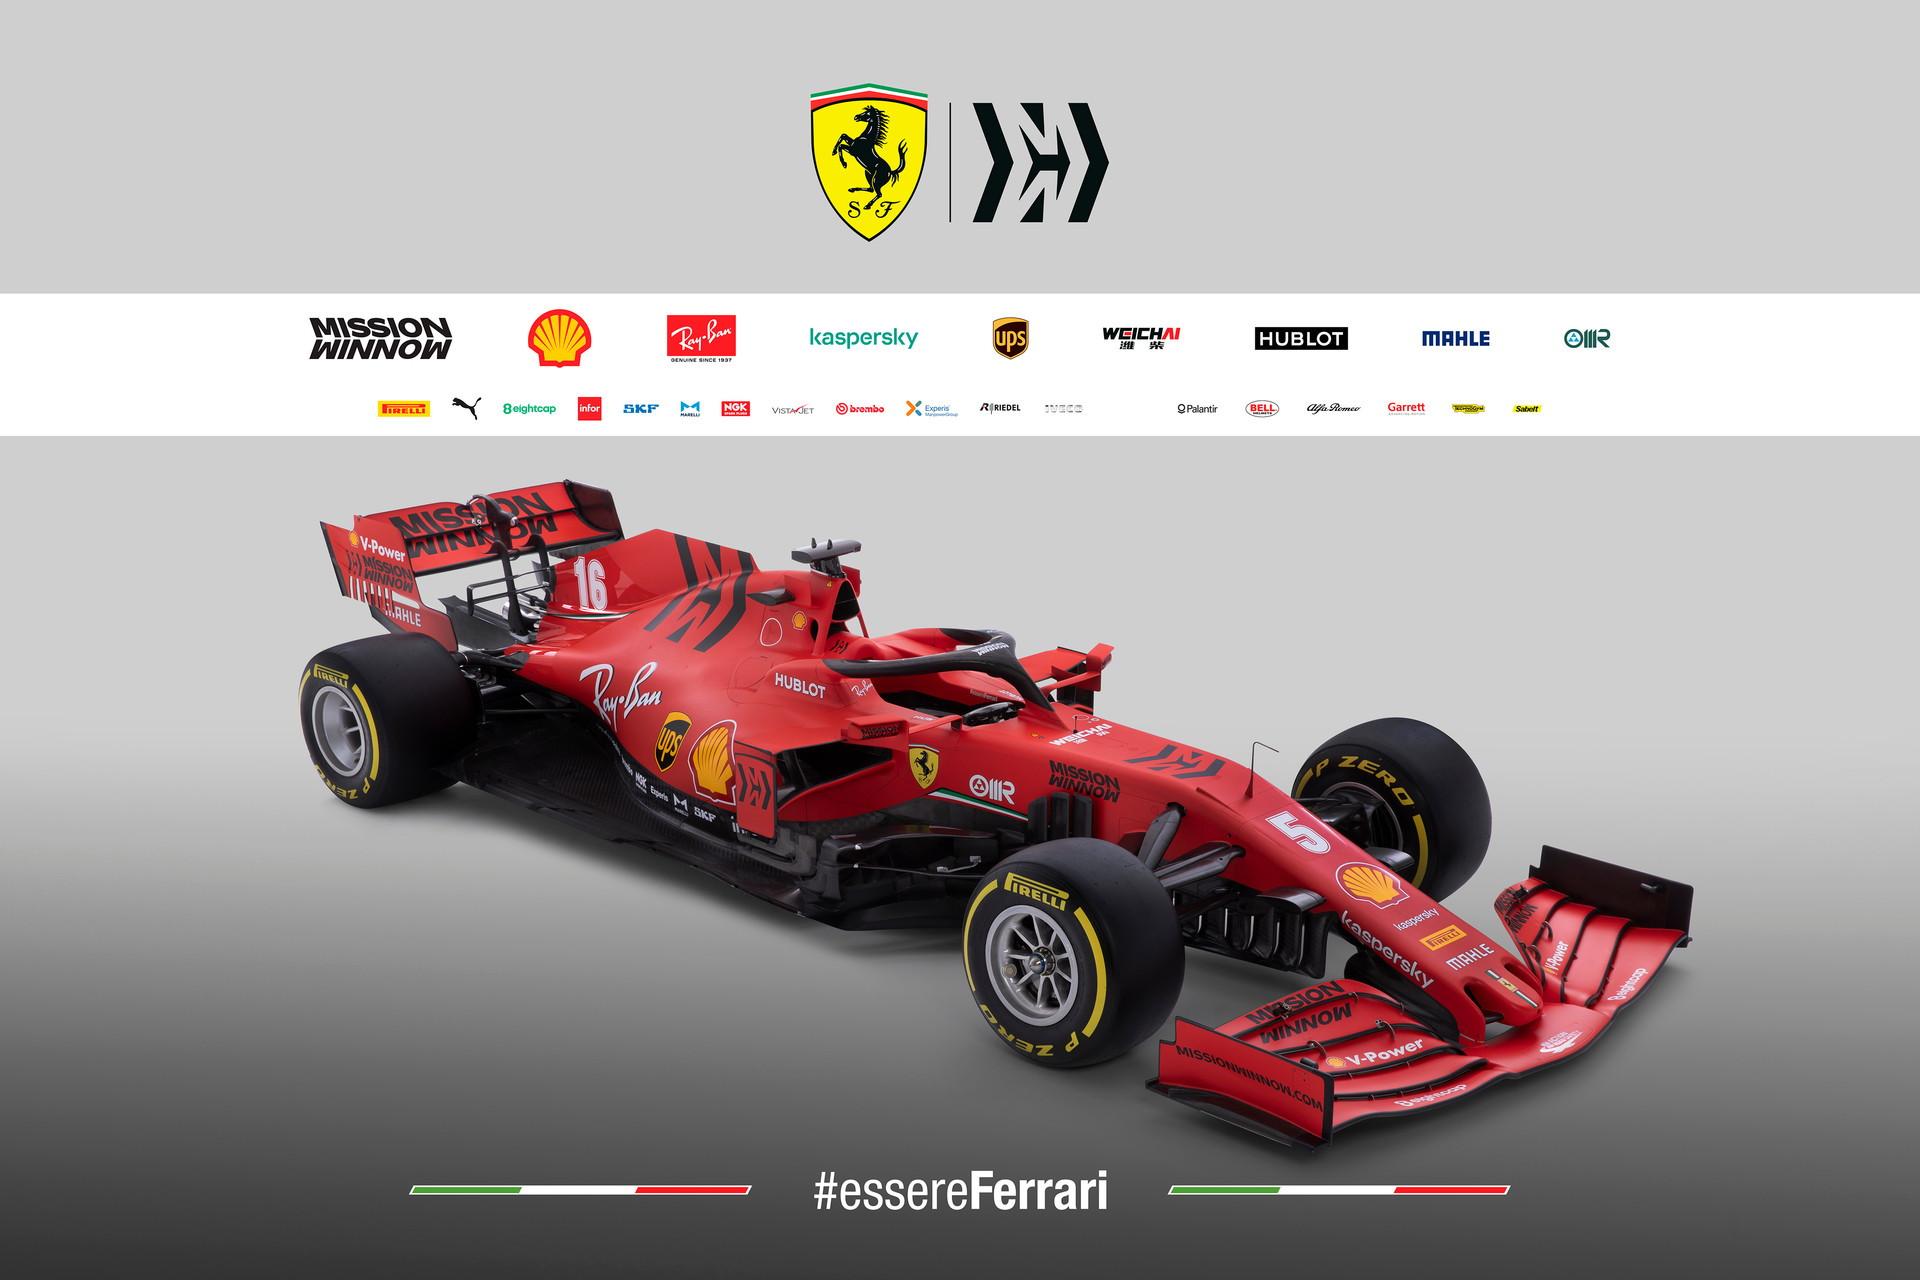 Svelata la monoposto che lotterà per il Mondiale 2020: confermato il rosso opaco, scelto un font retrò per i numeri di gara.